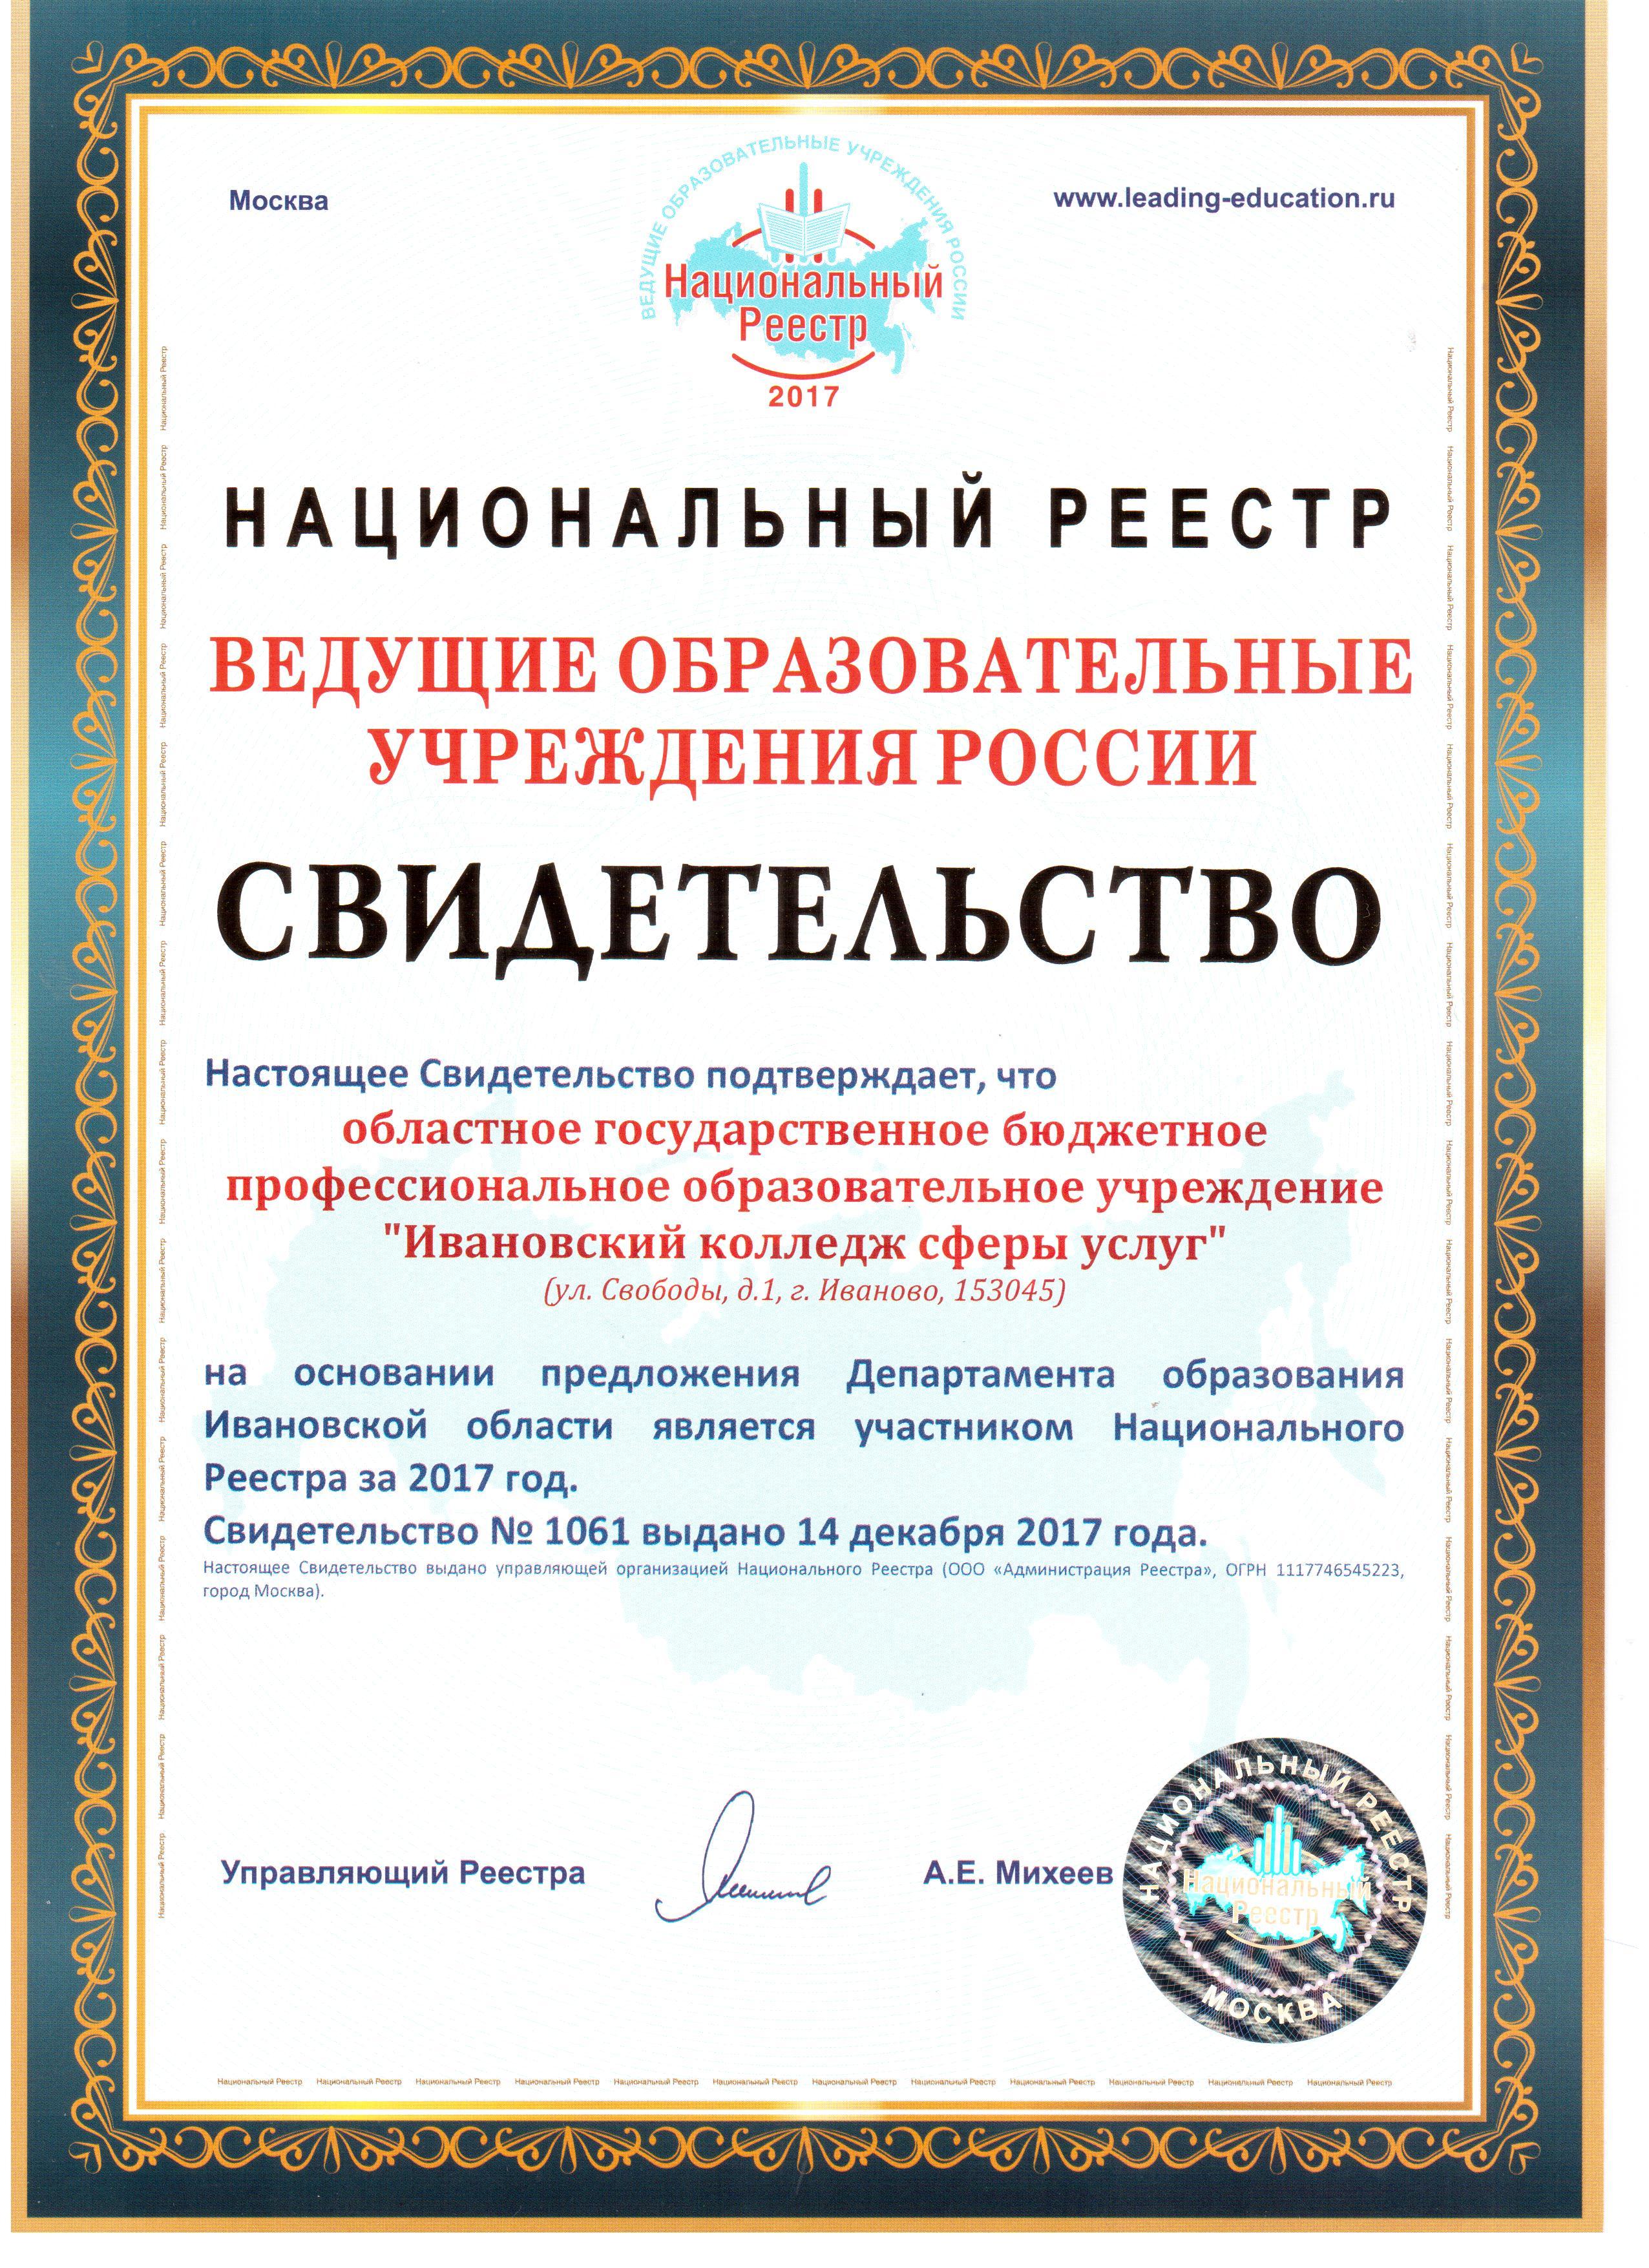 Федеральное учебно-методическое объединение по укрупненной группе.